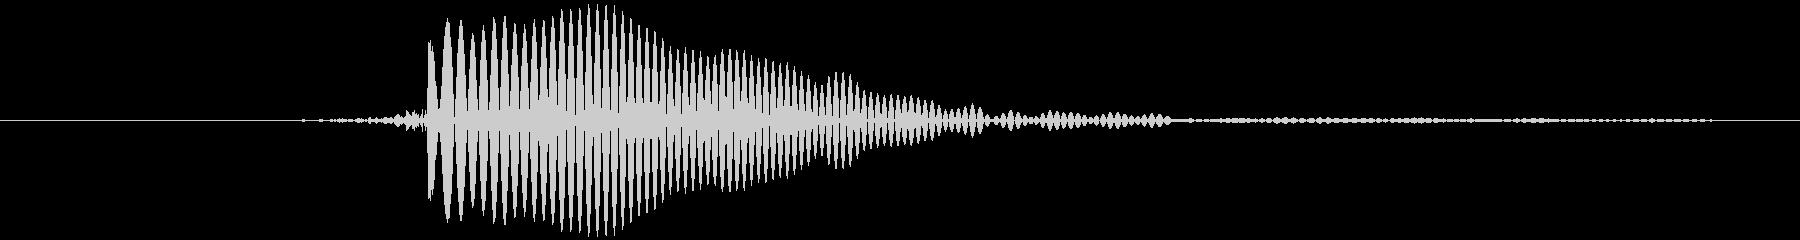 ピッ (とても高い) テロップ音など の未再生の波形